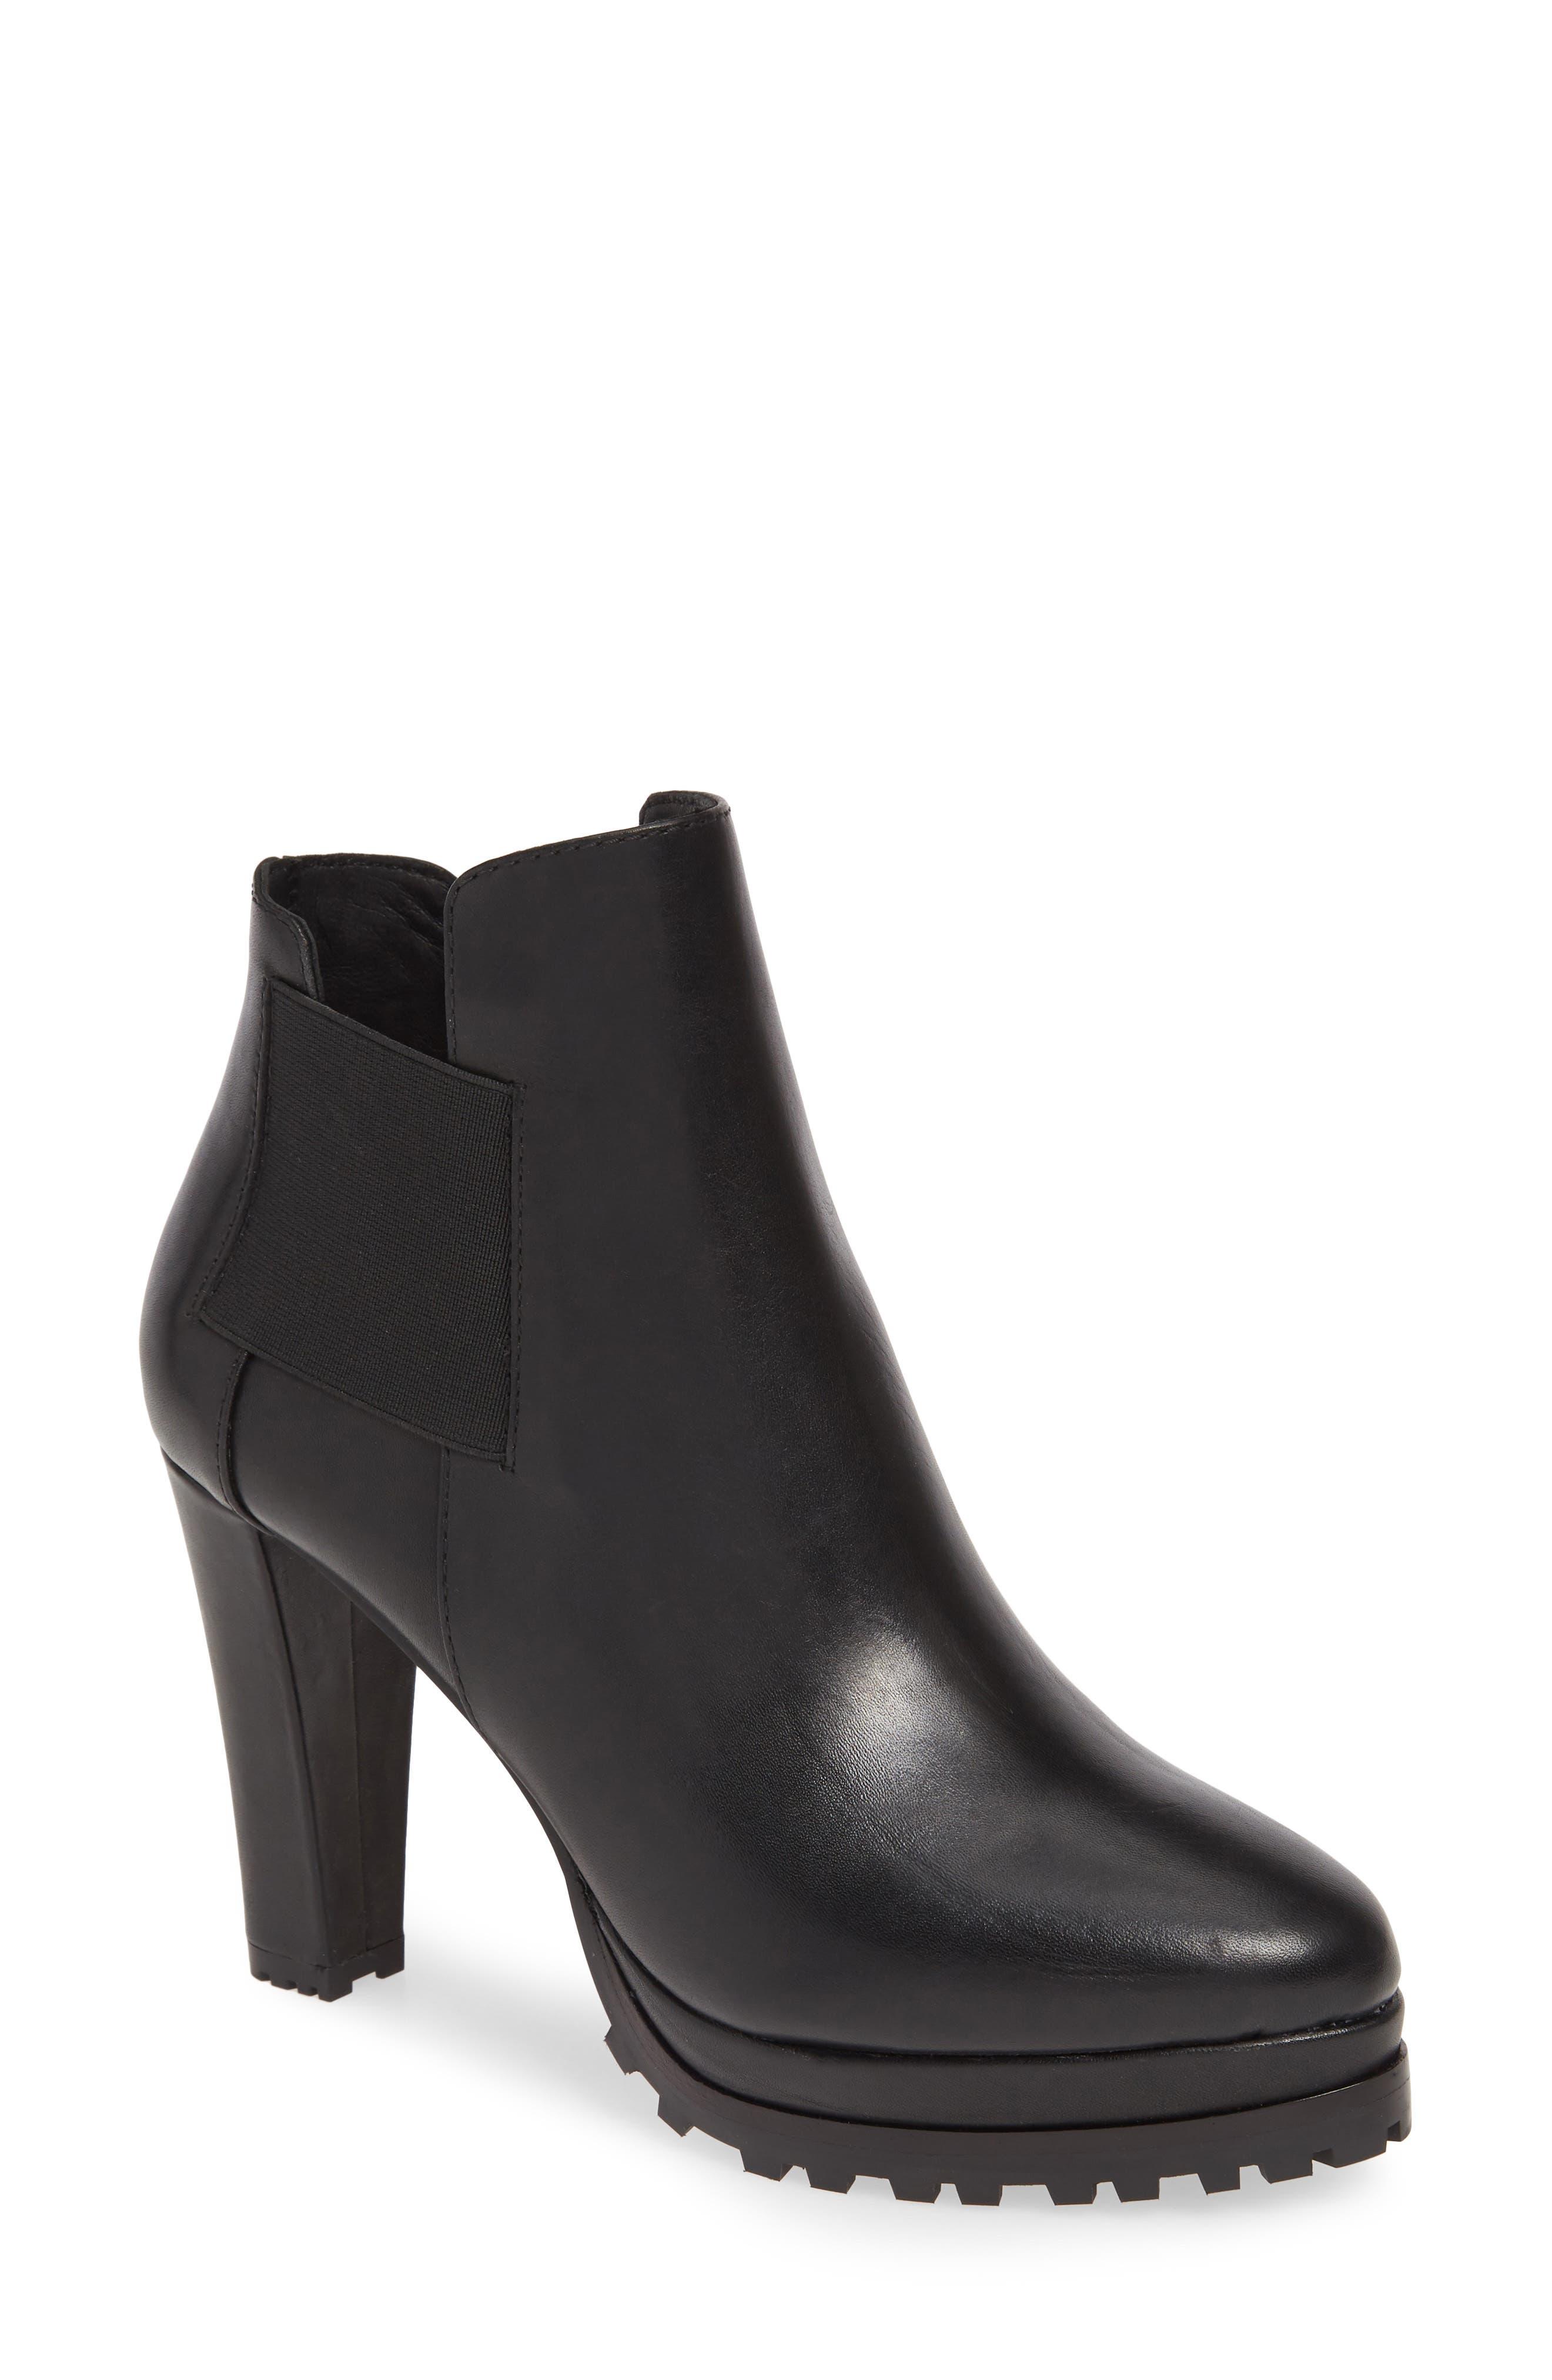 Women's ALLSAINTS Shoes   Nordstrom